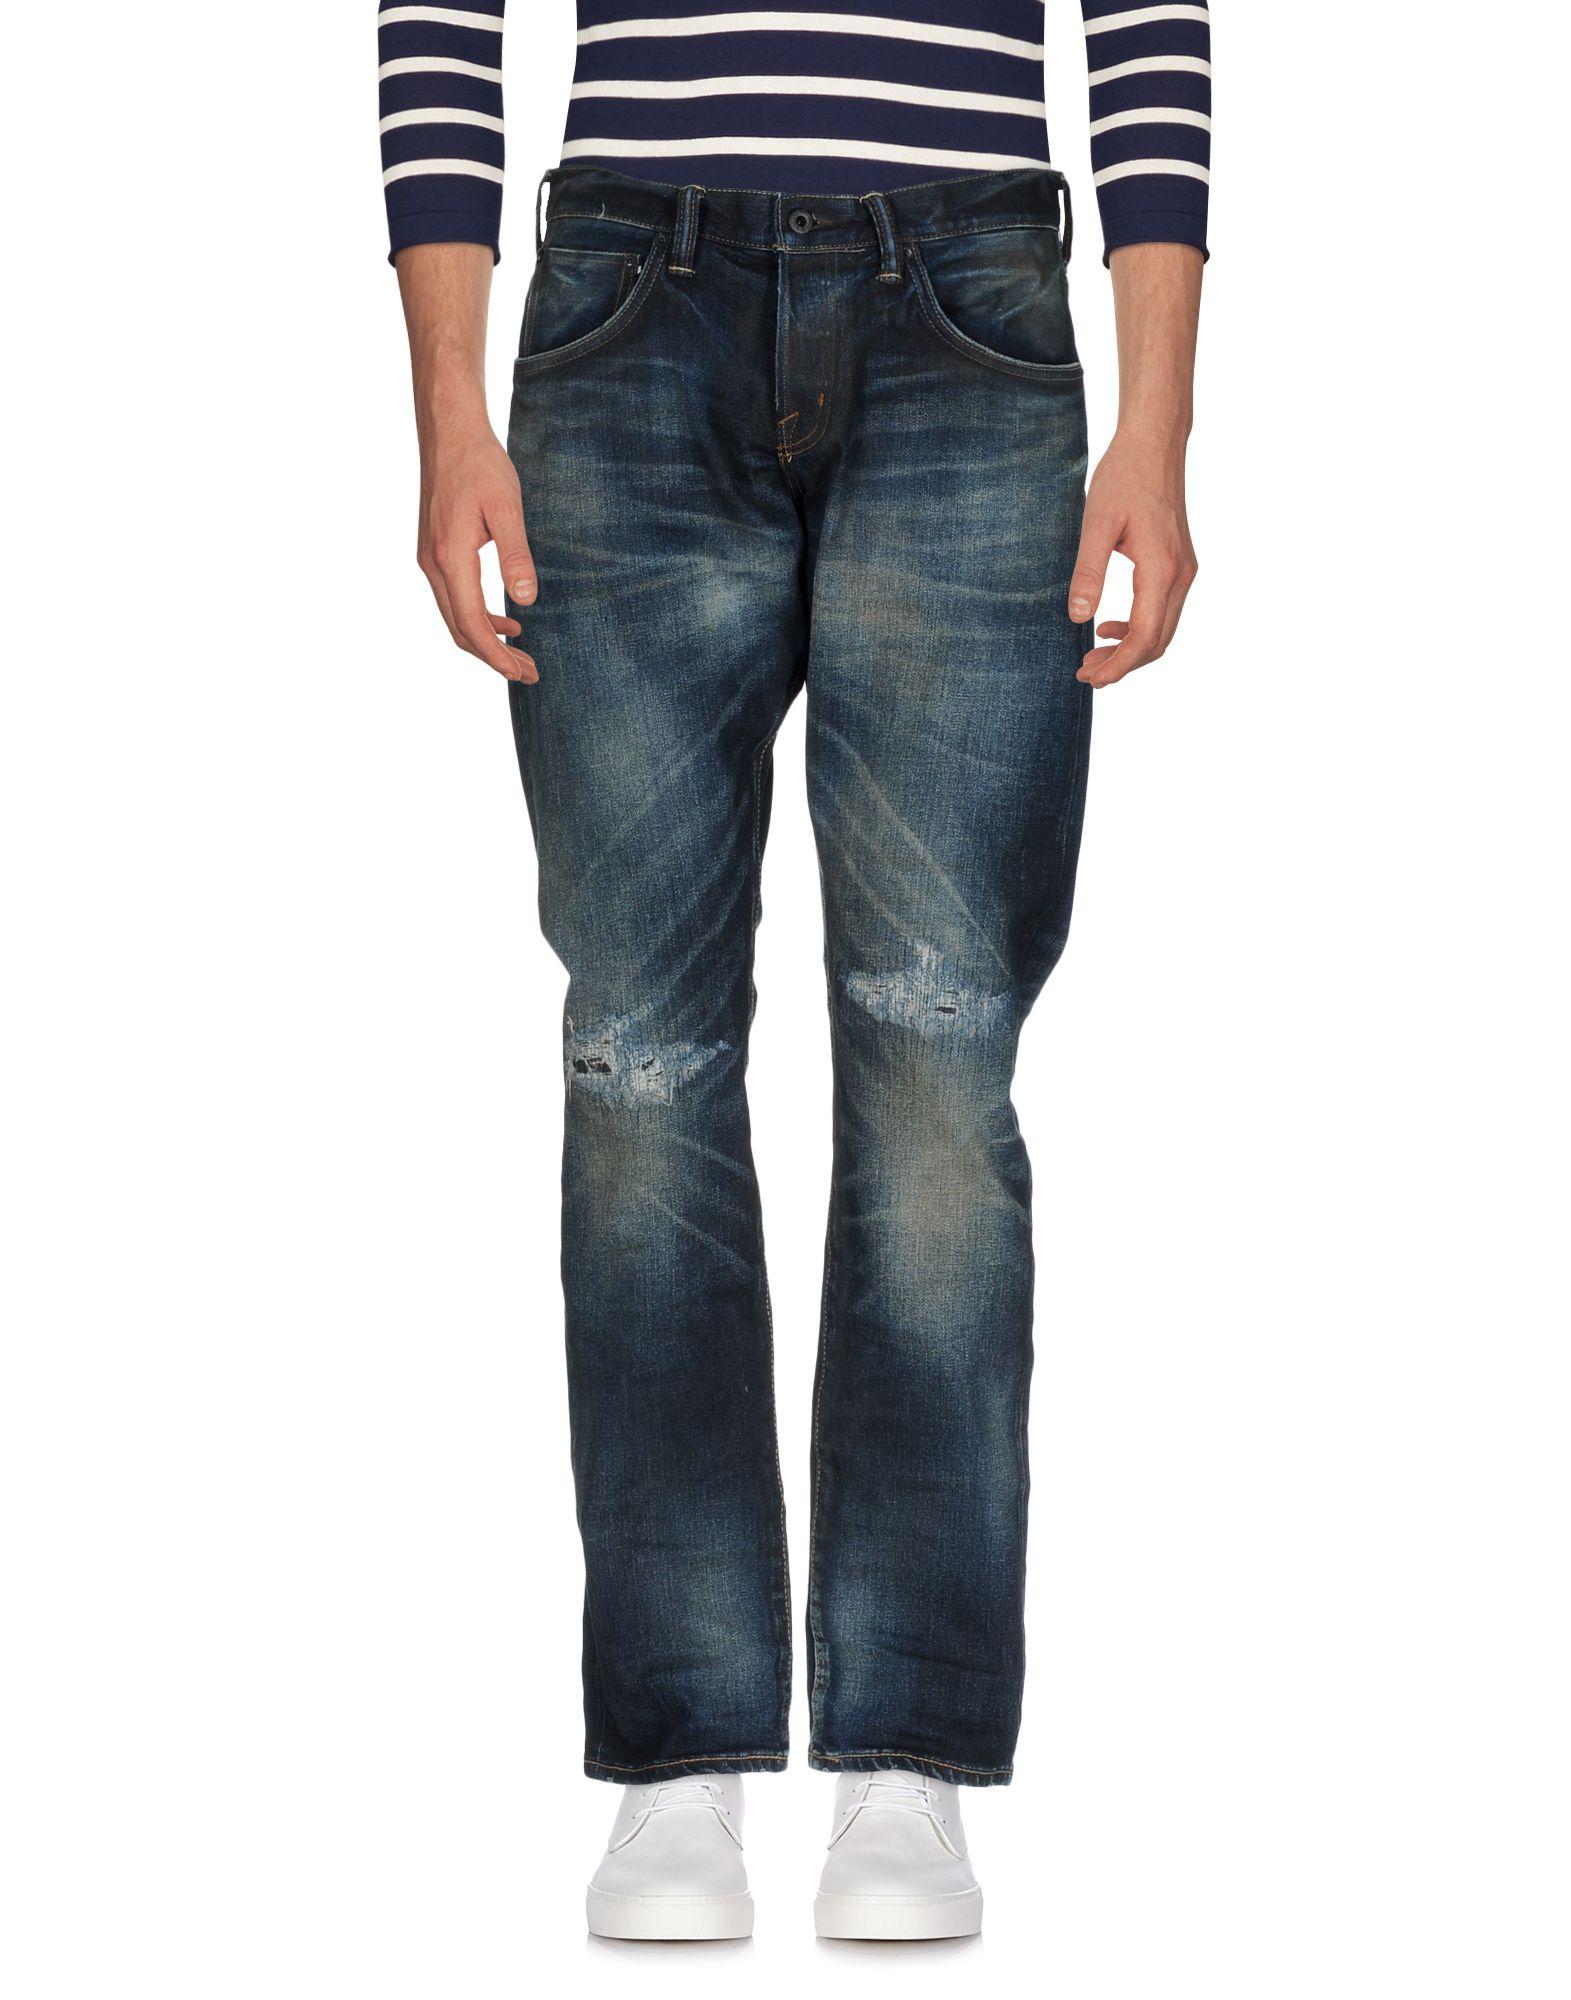 Acquista Jeans Donna Union Pantaloni Mastercraft su online IqxPtwdT